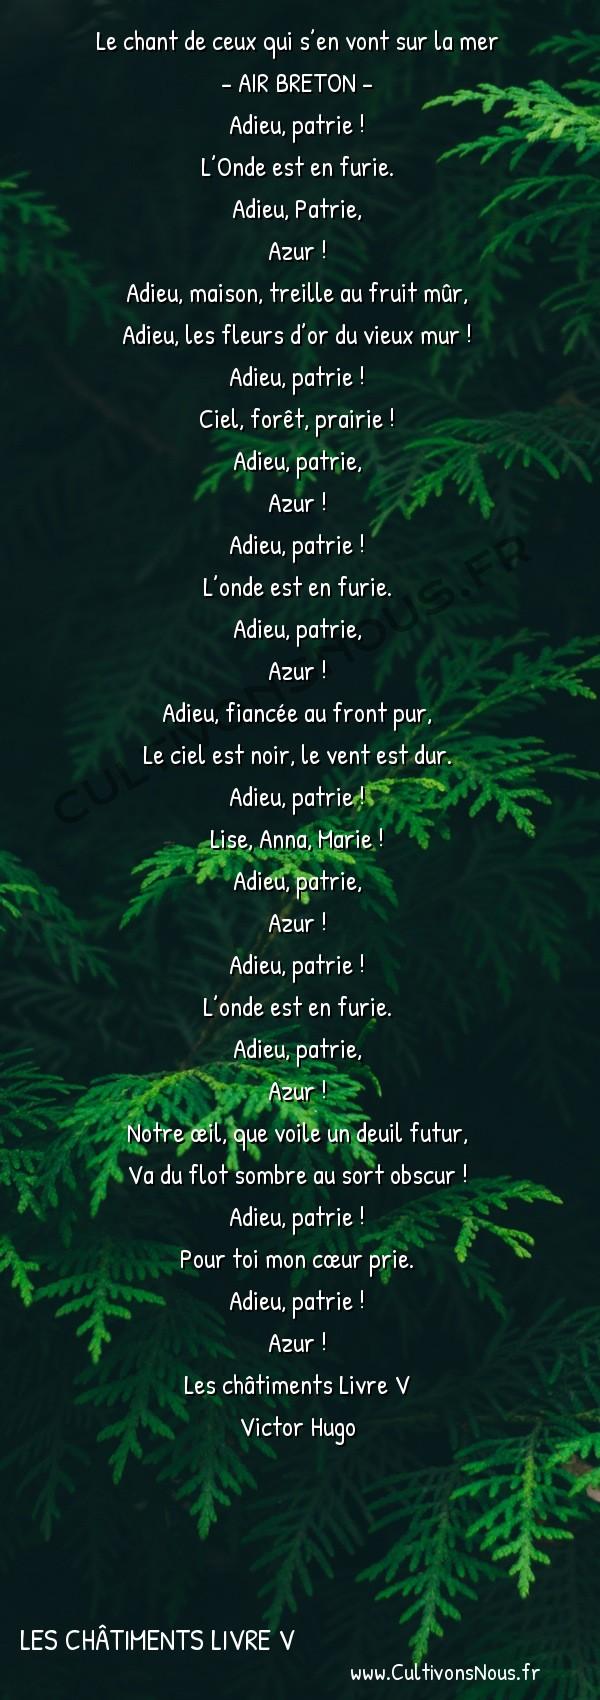 Poésie Victor Hugo - Les châtiments Livre V - Le chant de ceux qui s'en vont sur la mer -   Le chant de ceux qui s'en vont sur la mer - AIR BRETON -